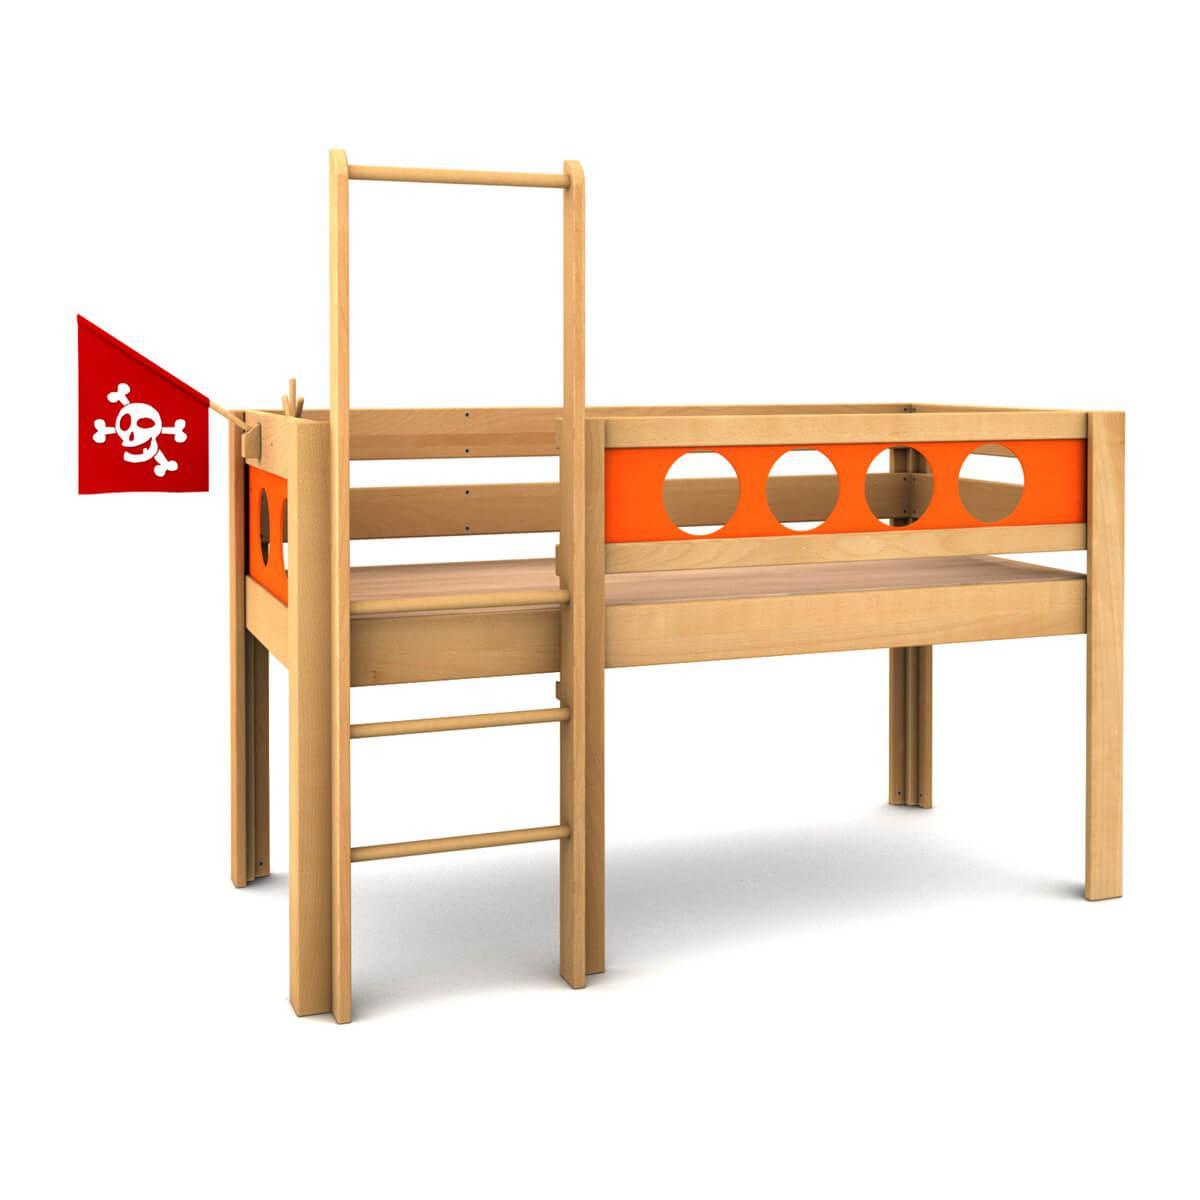 Lit surélevé Pirat DELUXE de Breuyn bois huilé-orange